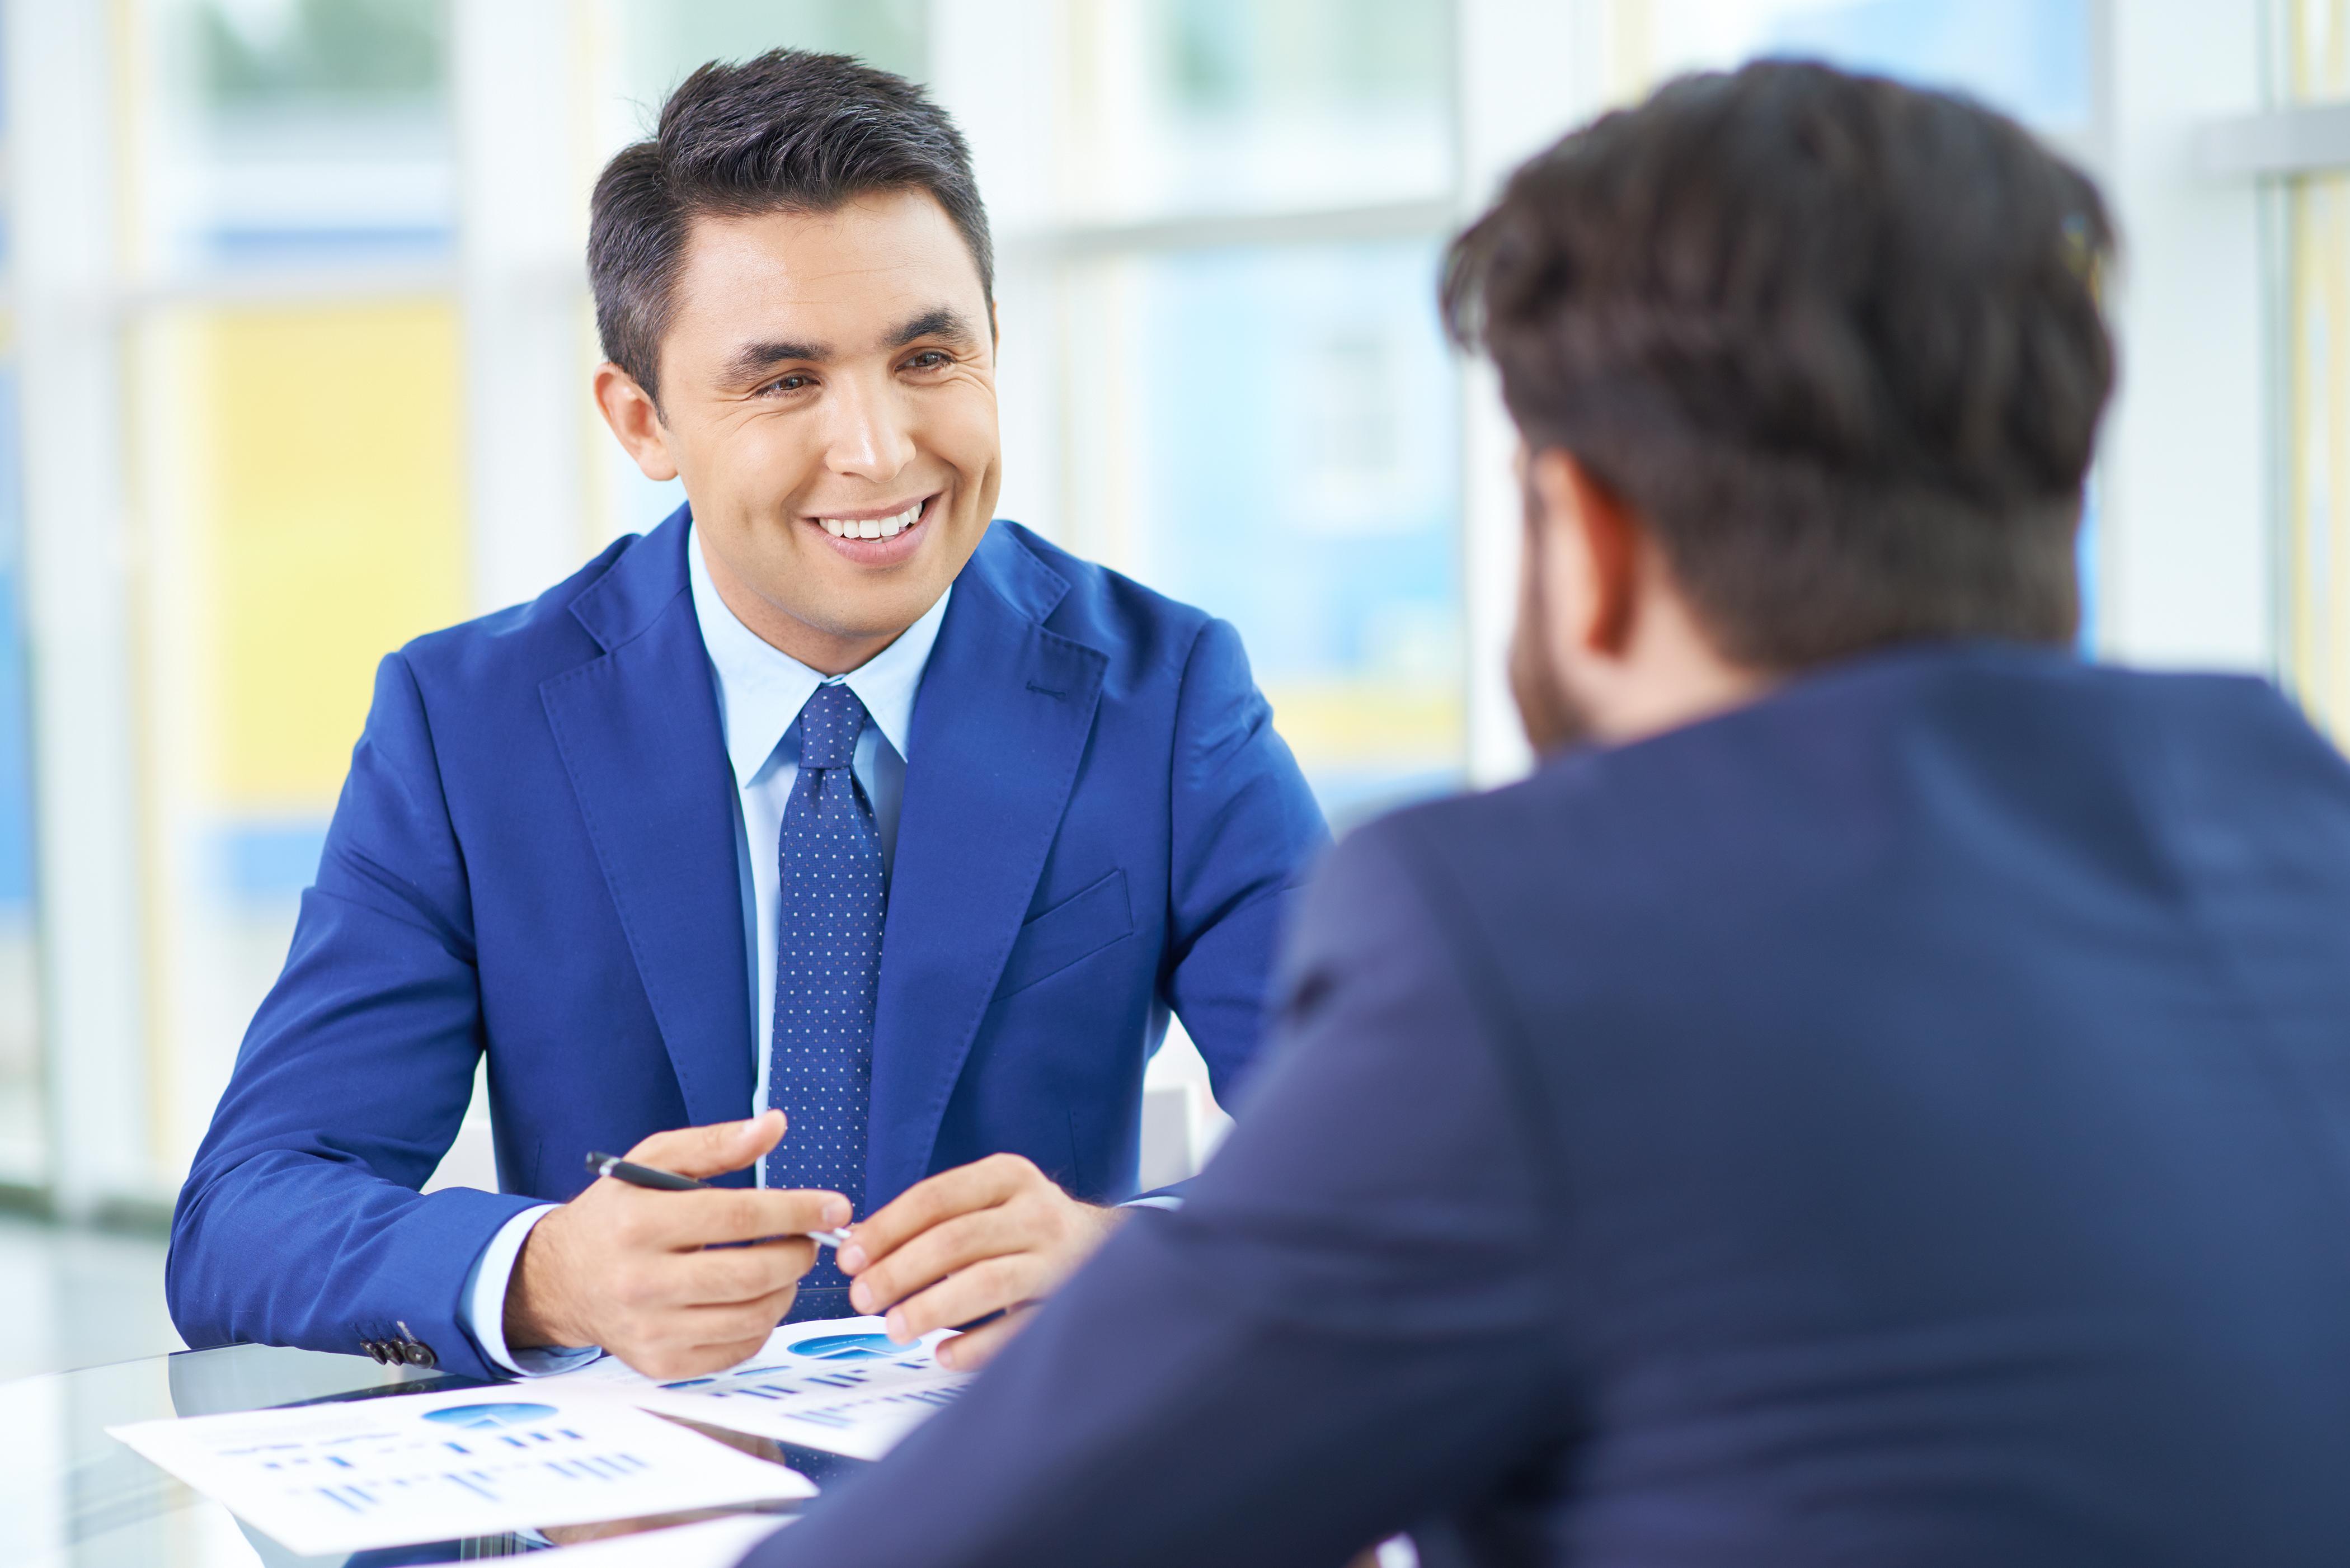 contratar funcionários para empresa